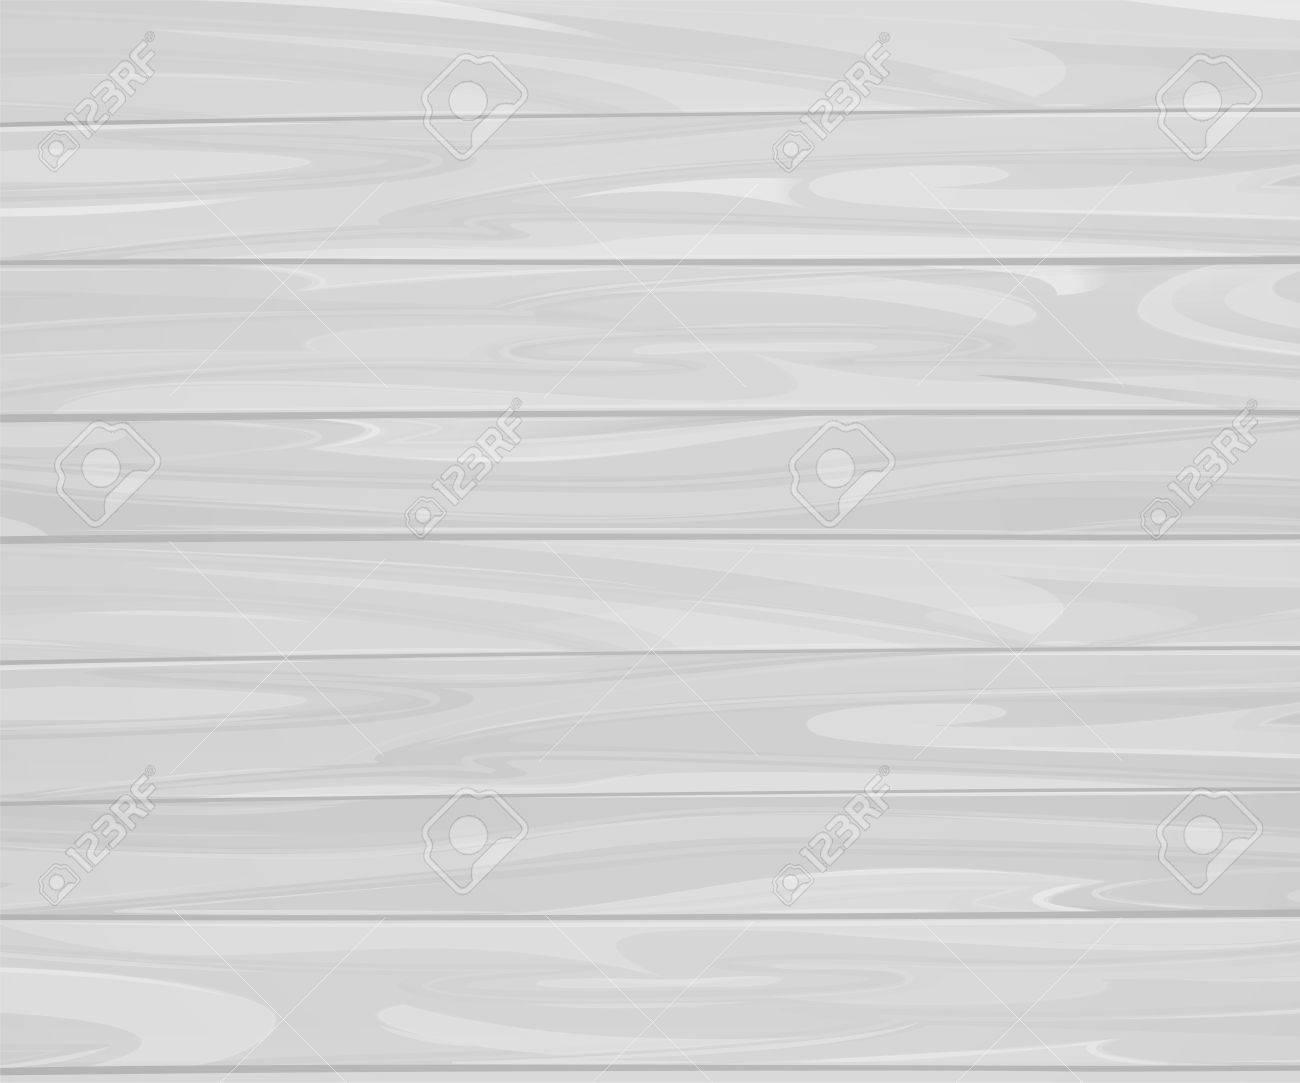 Immagini Stock Vector Sfondo Bianco Retrò Di Legno Con Tavole